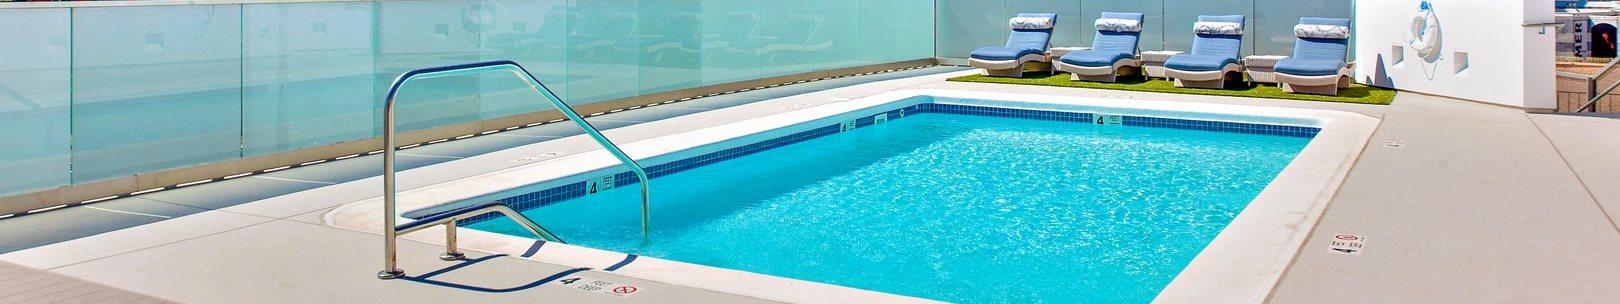 westwood village apartments pool